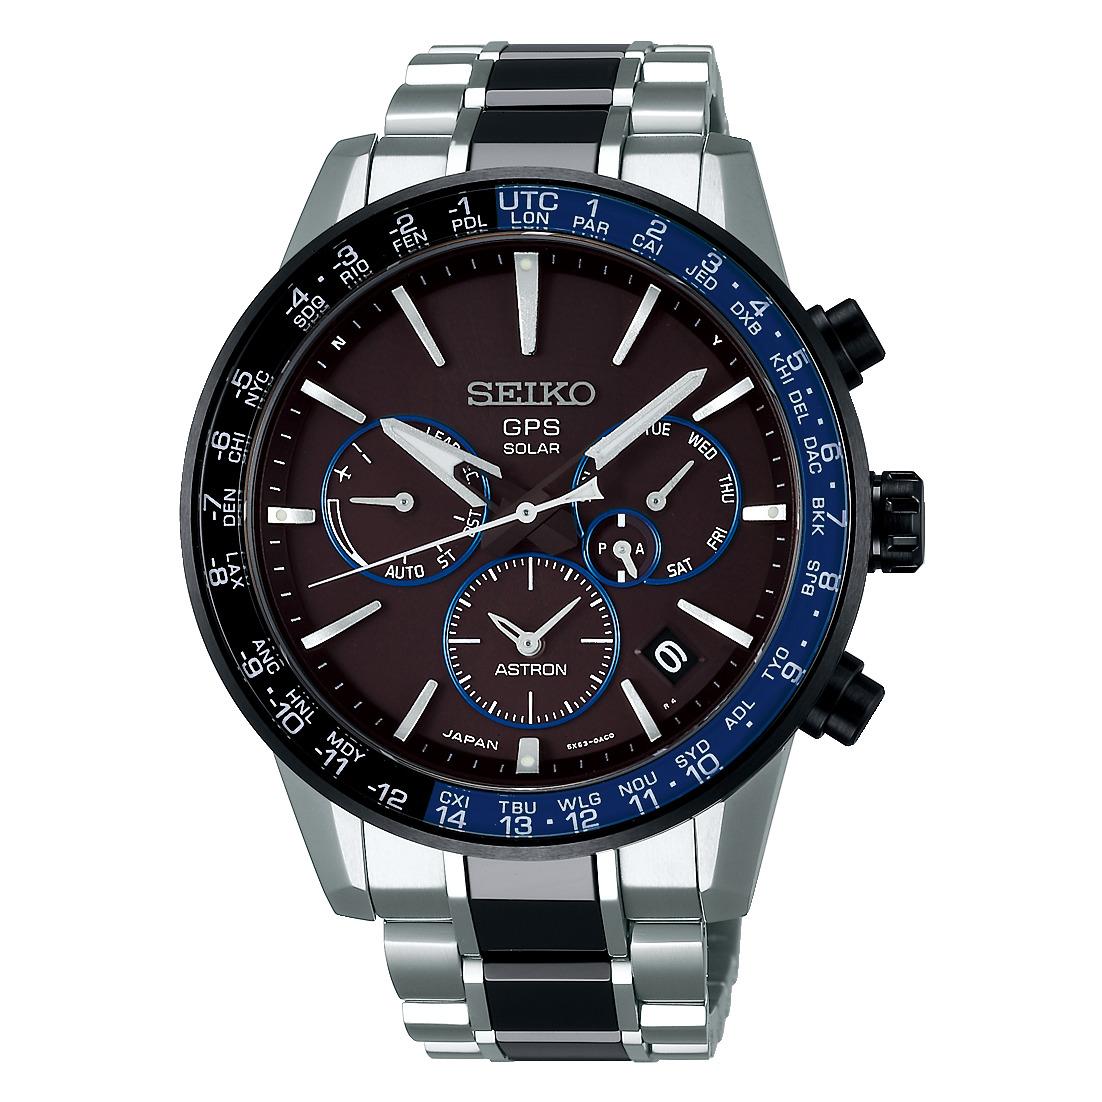 正規品 SEIKO セイコー ASTRON アストロン SBXC009 5xシリーズ 腕時計